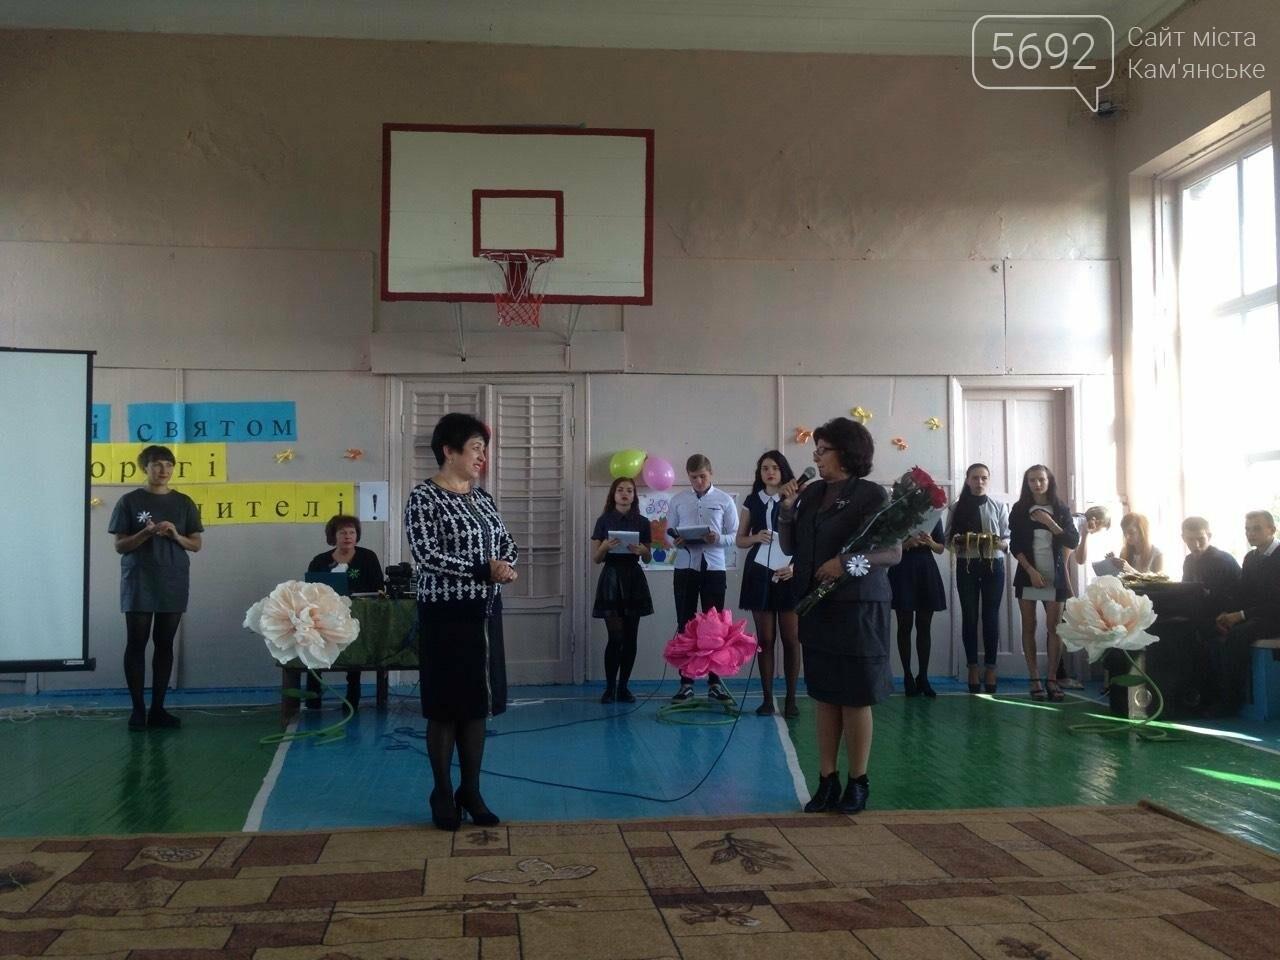 Депутат Каменского горсовета поздравил учителей с профессиональным праздником, фото-6